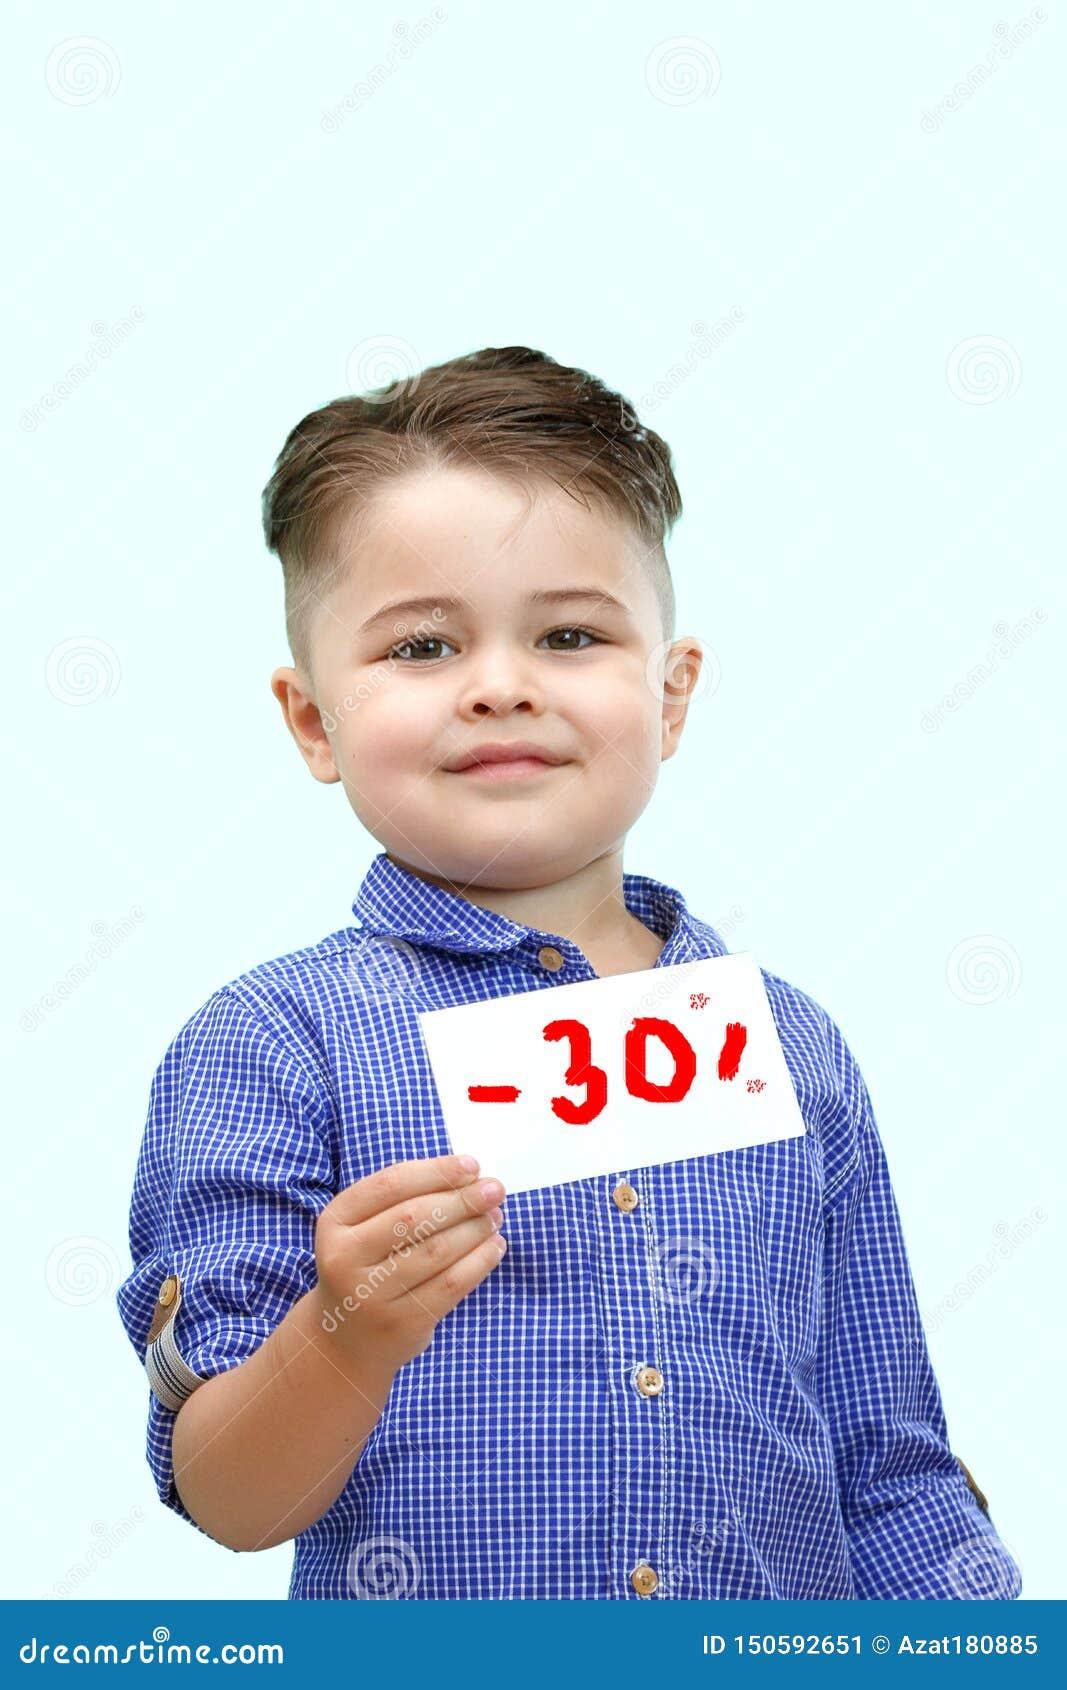 Der Junge hält ein Zeichen mit einem Prozentsatz von Rabatten